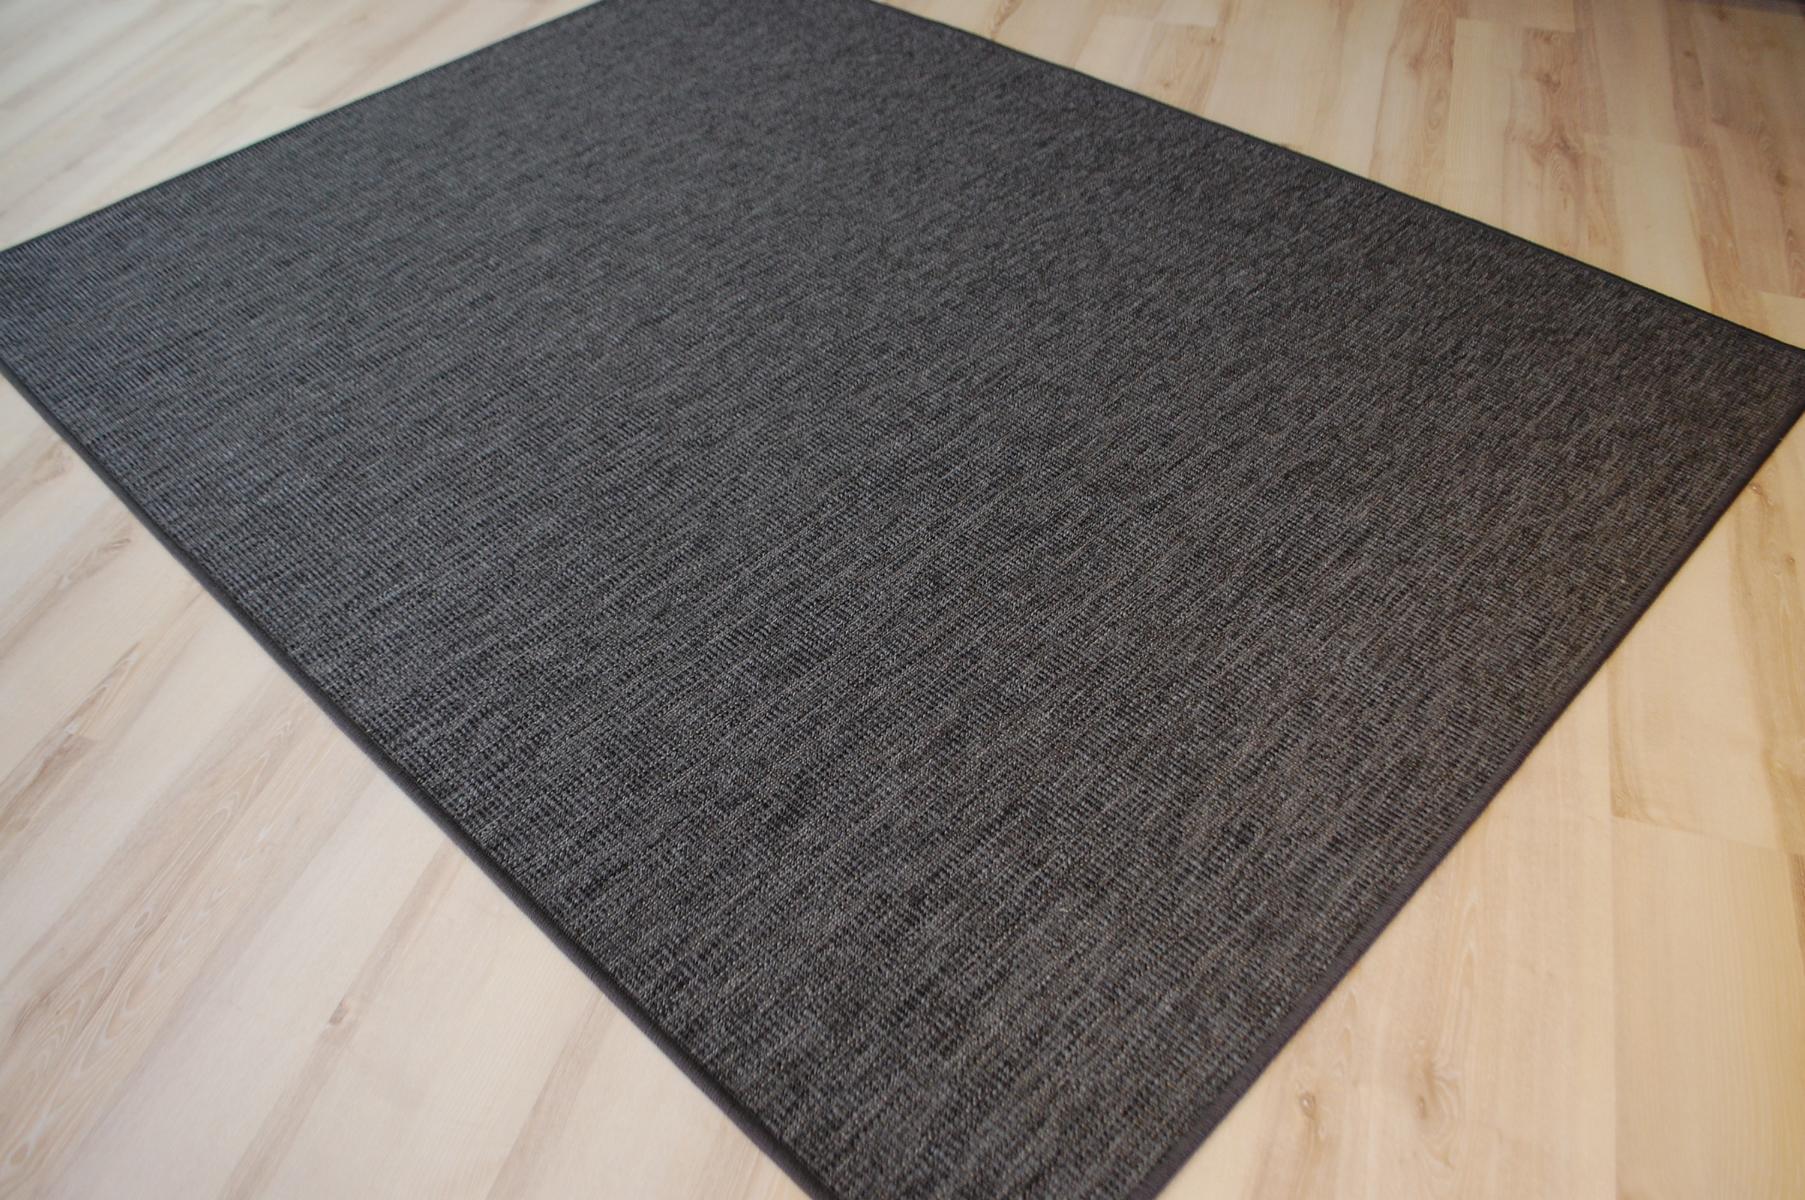 Outdoor Indoor Teppich Cornus Grau Wetterfest Terrasse Küche